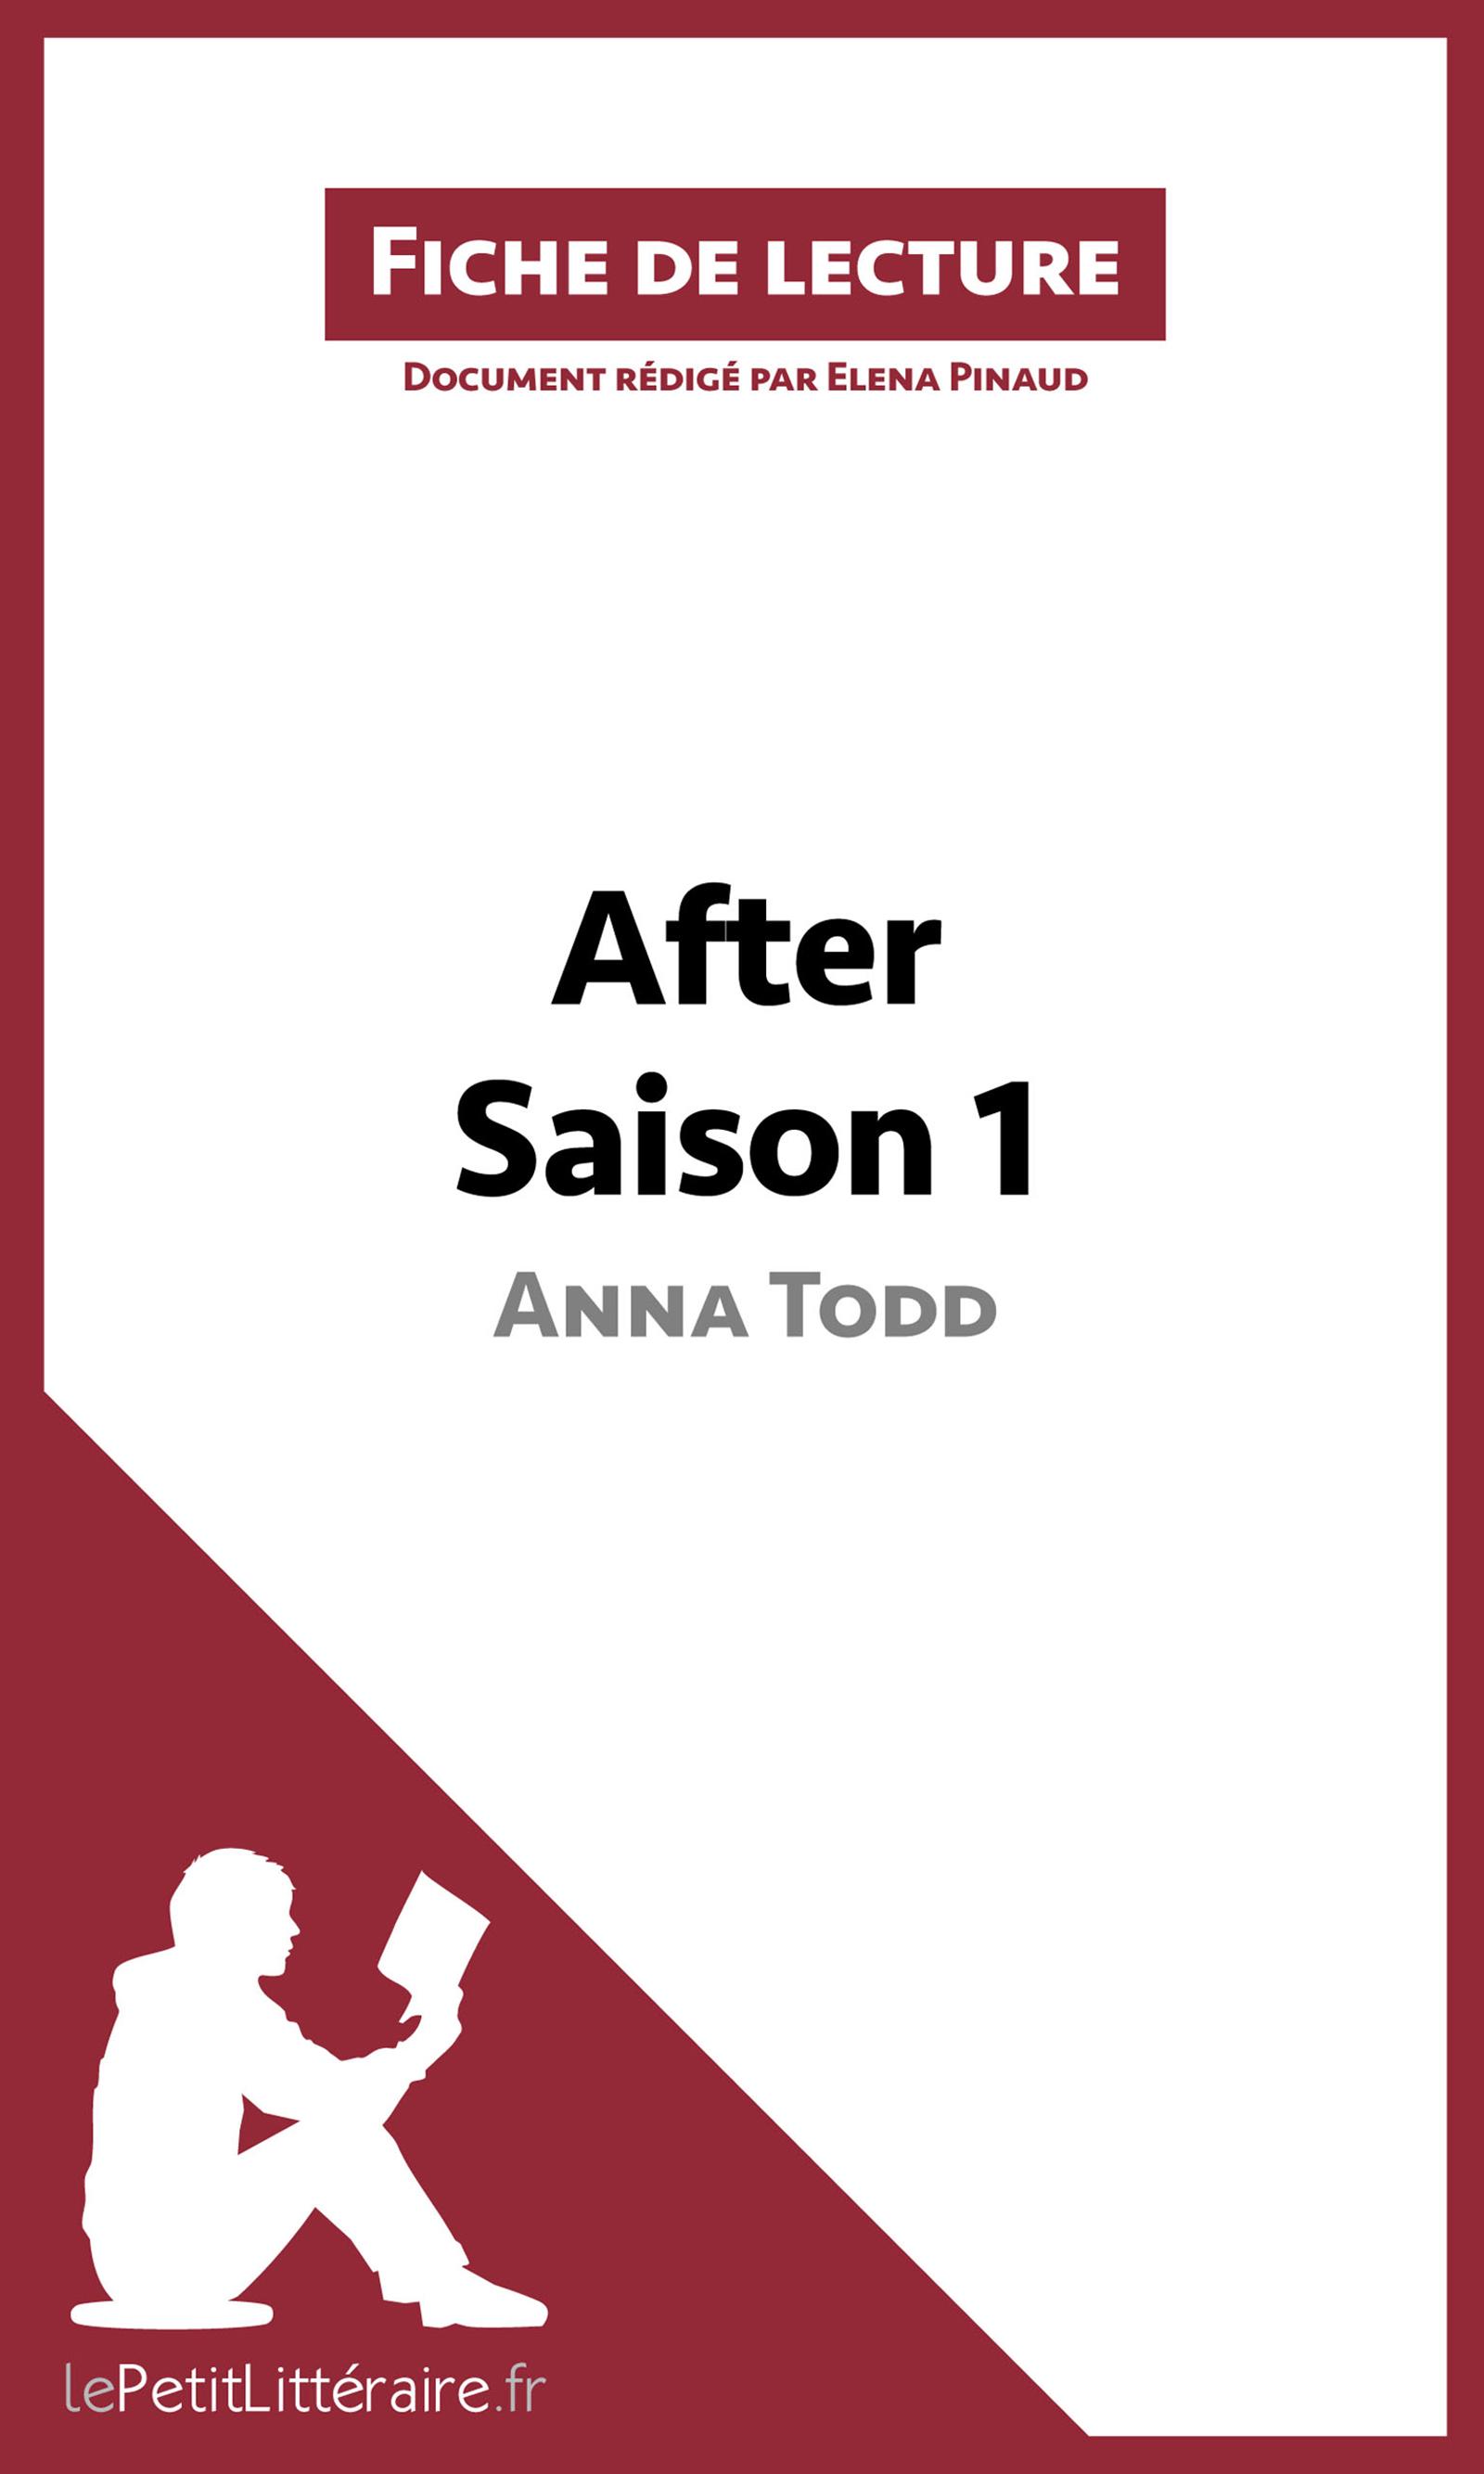 After Saison 1